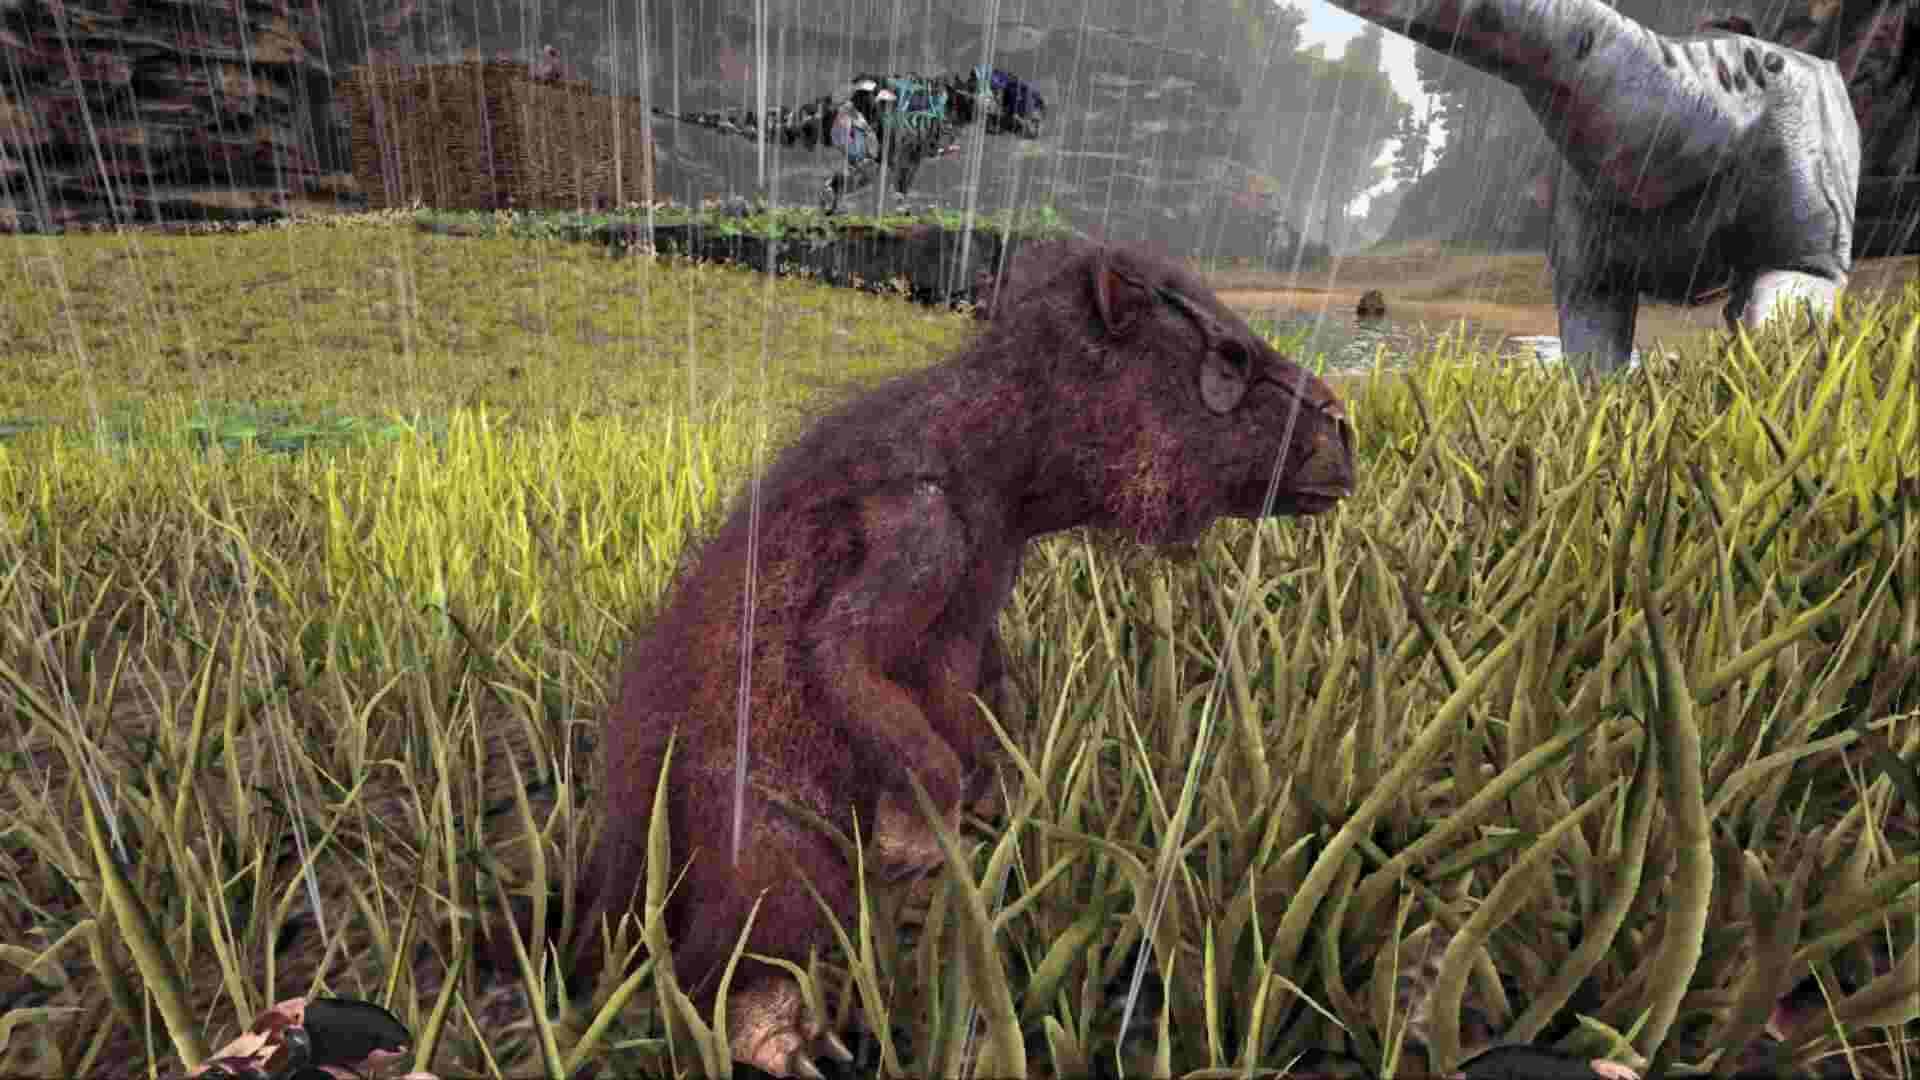 Megatherium ARK Survival